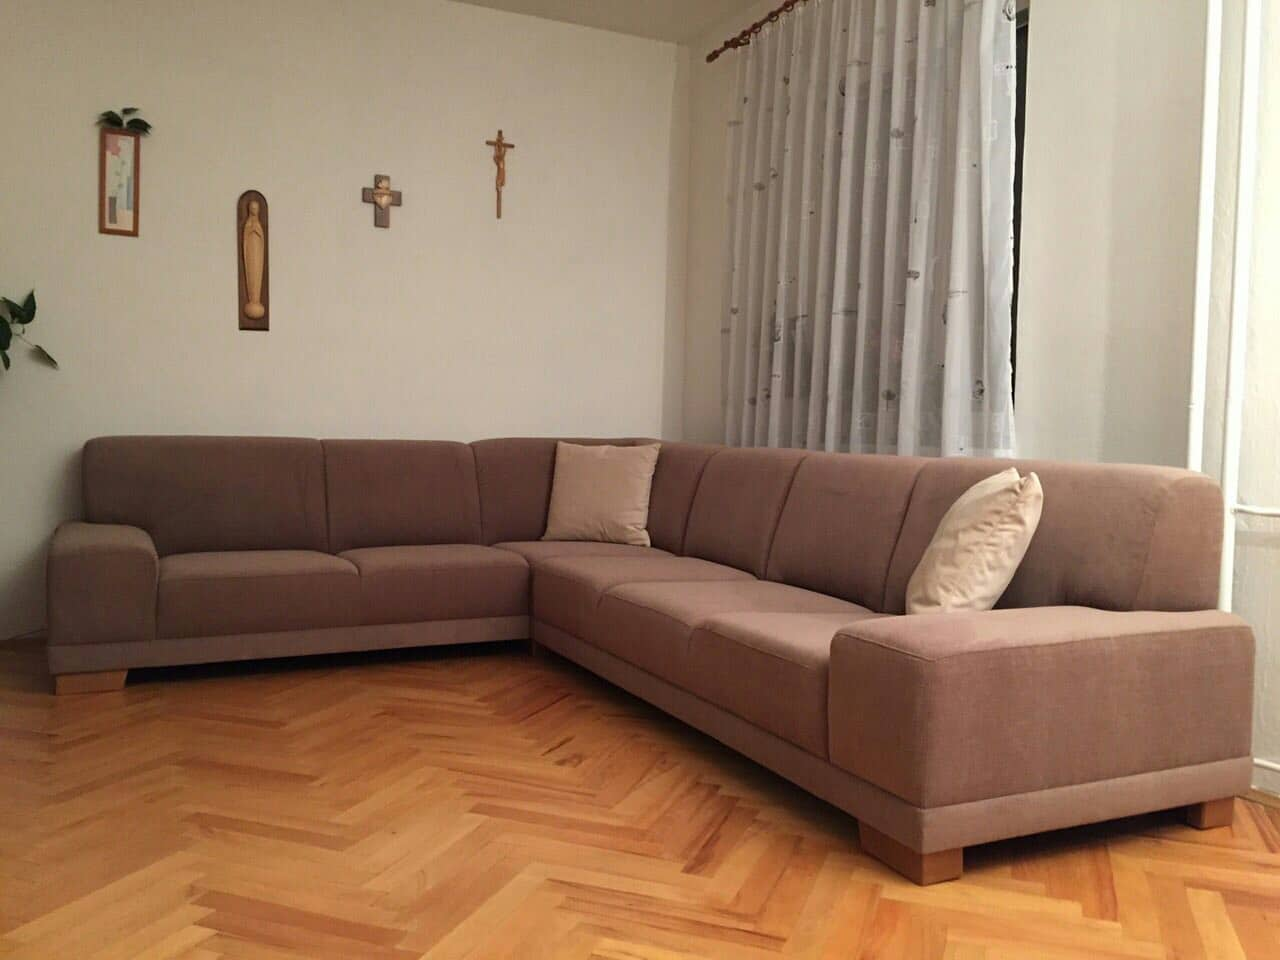 Rohová sedacia súprava Viktória v luxusnom poťahu z našej kolekcie Chantal 6. Rozmer sedacky: 265x335cm